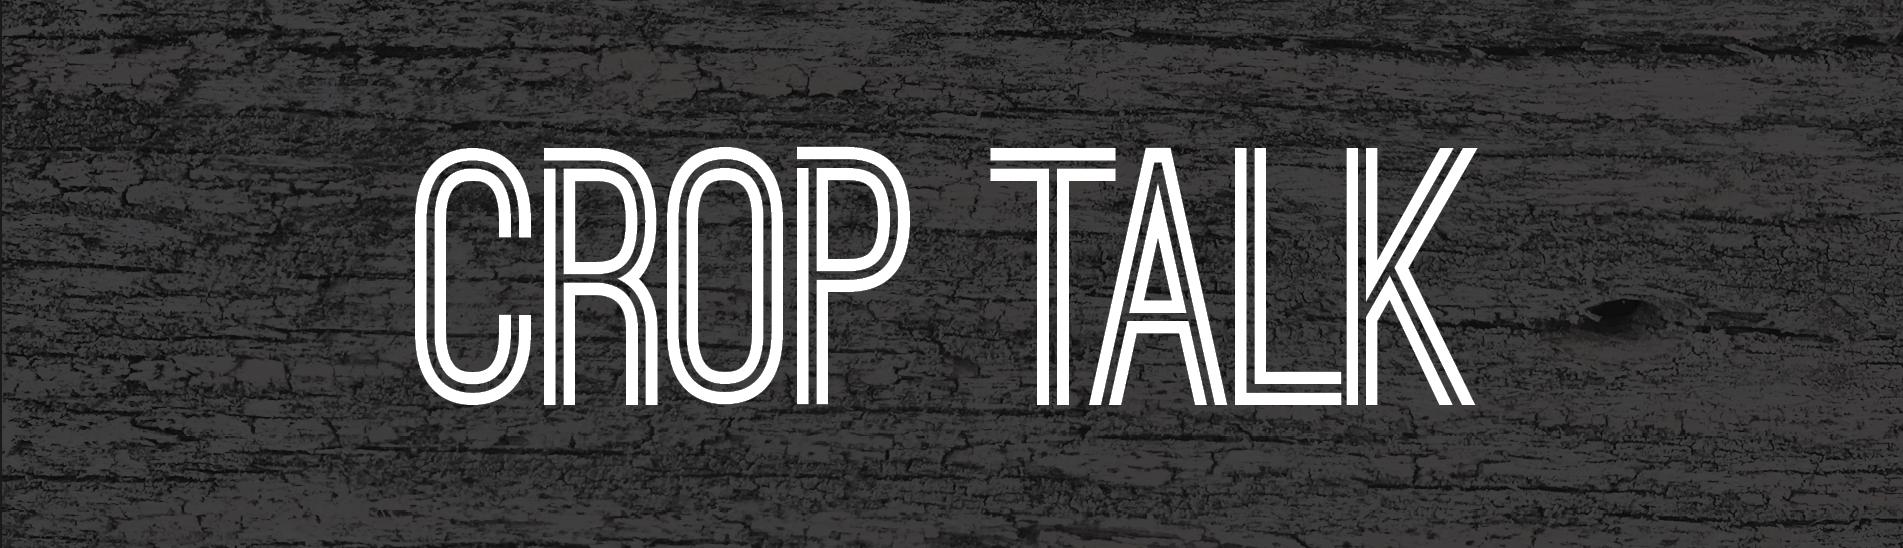 Crop Talk.png